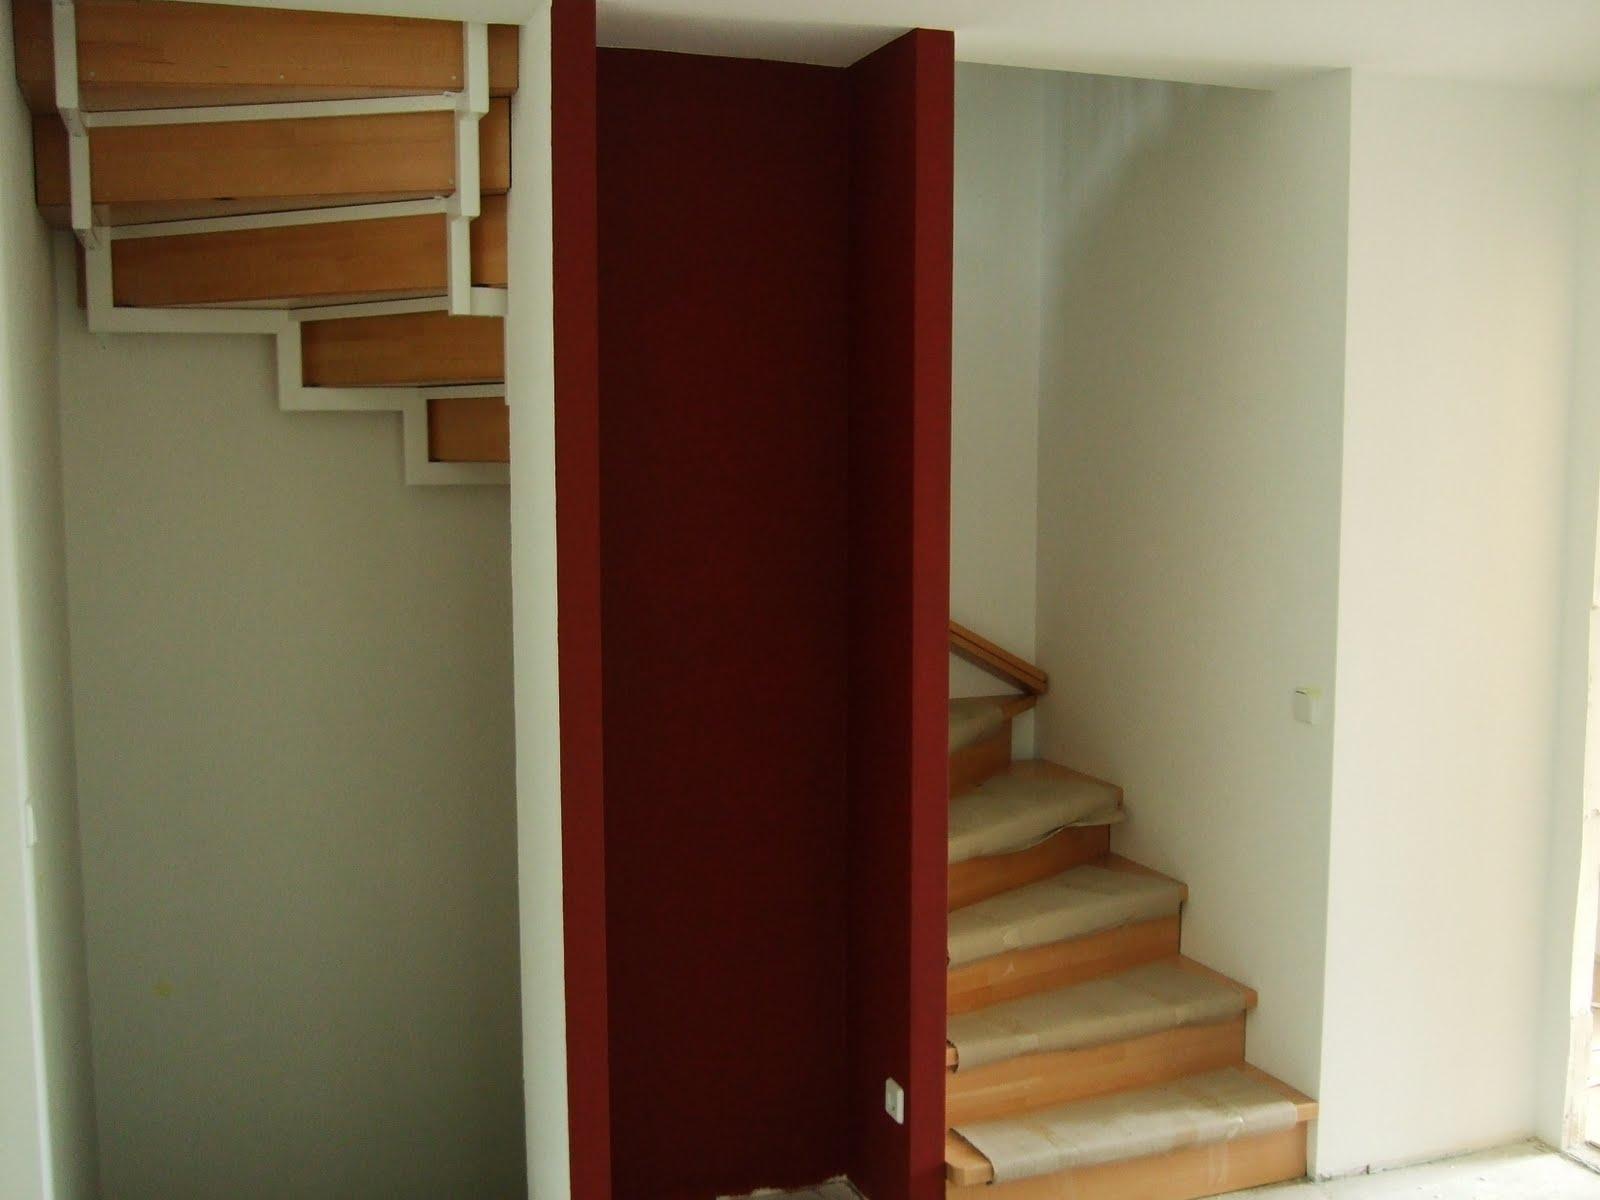 hausbau mit ncc deutschland typ tilia juni 2011. Black Bedroom Furniture Sets. Home Design Ideas